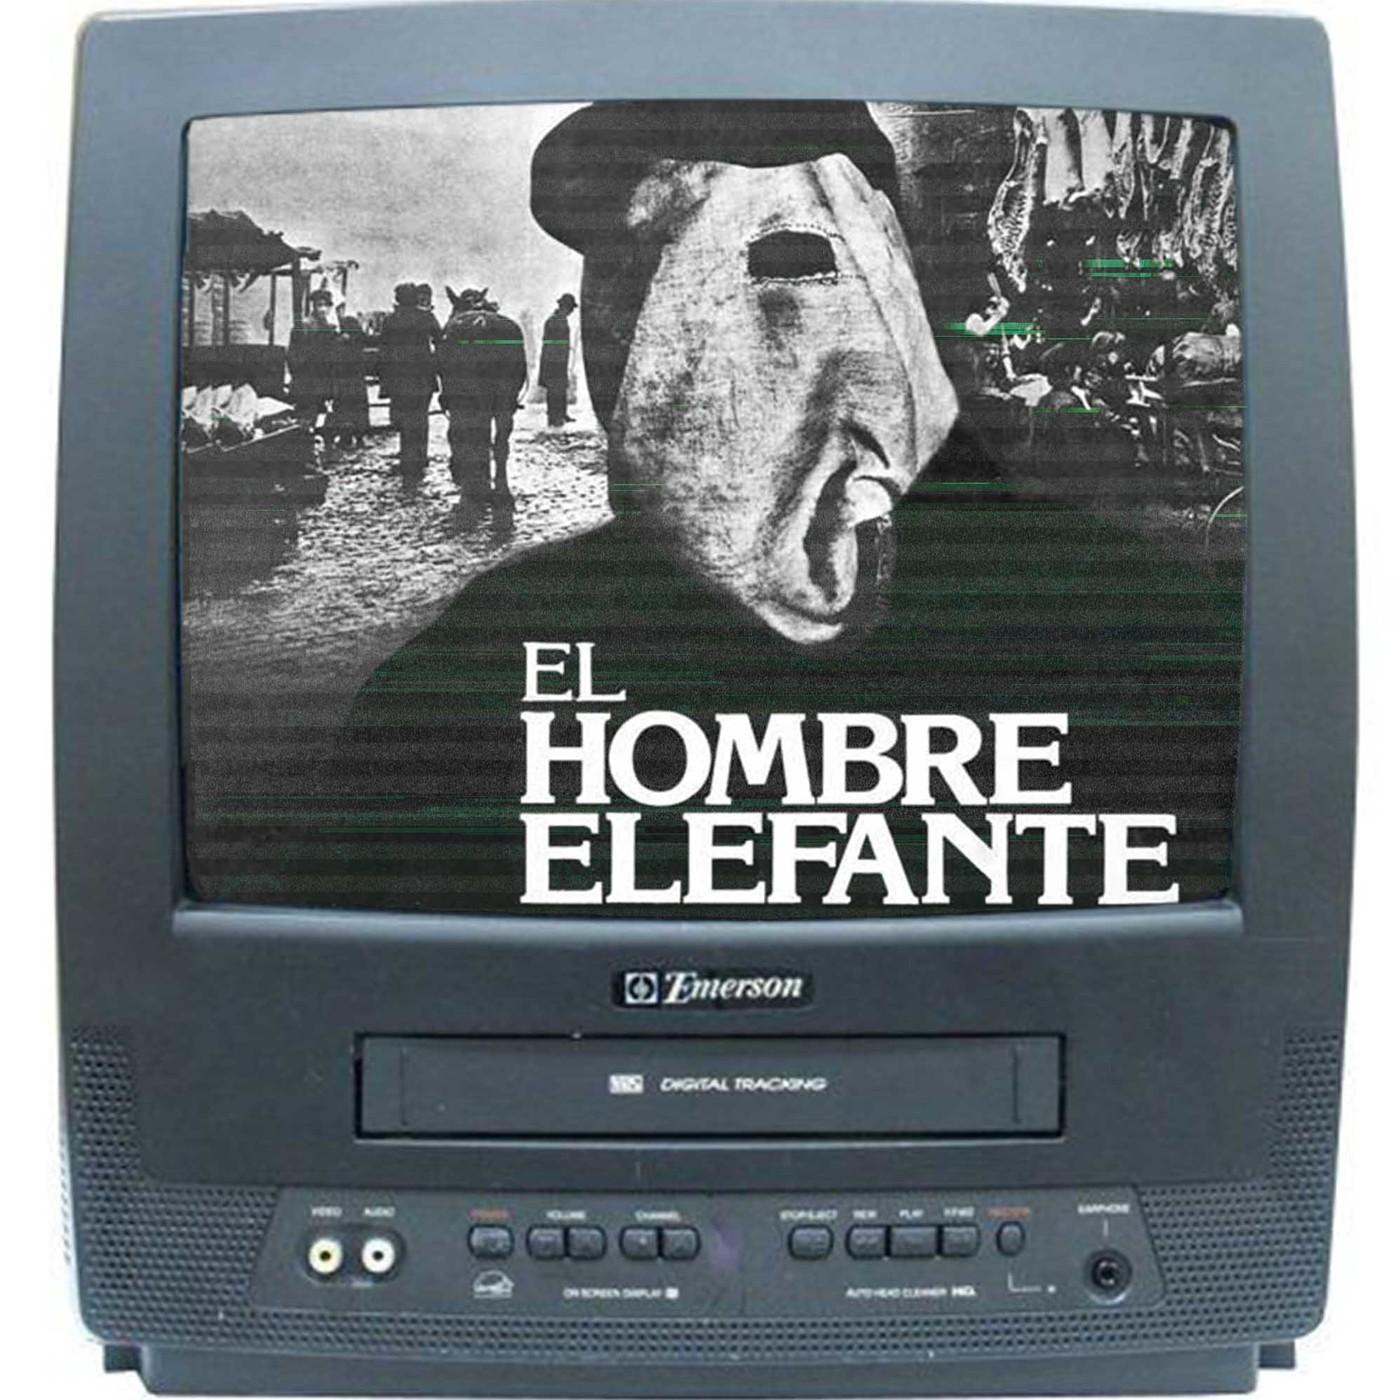 03x06 Remake a los 80 'El Hombre Elefante' 1981 -David Lynch